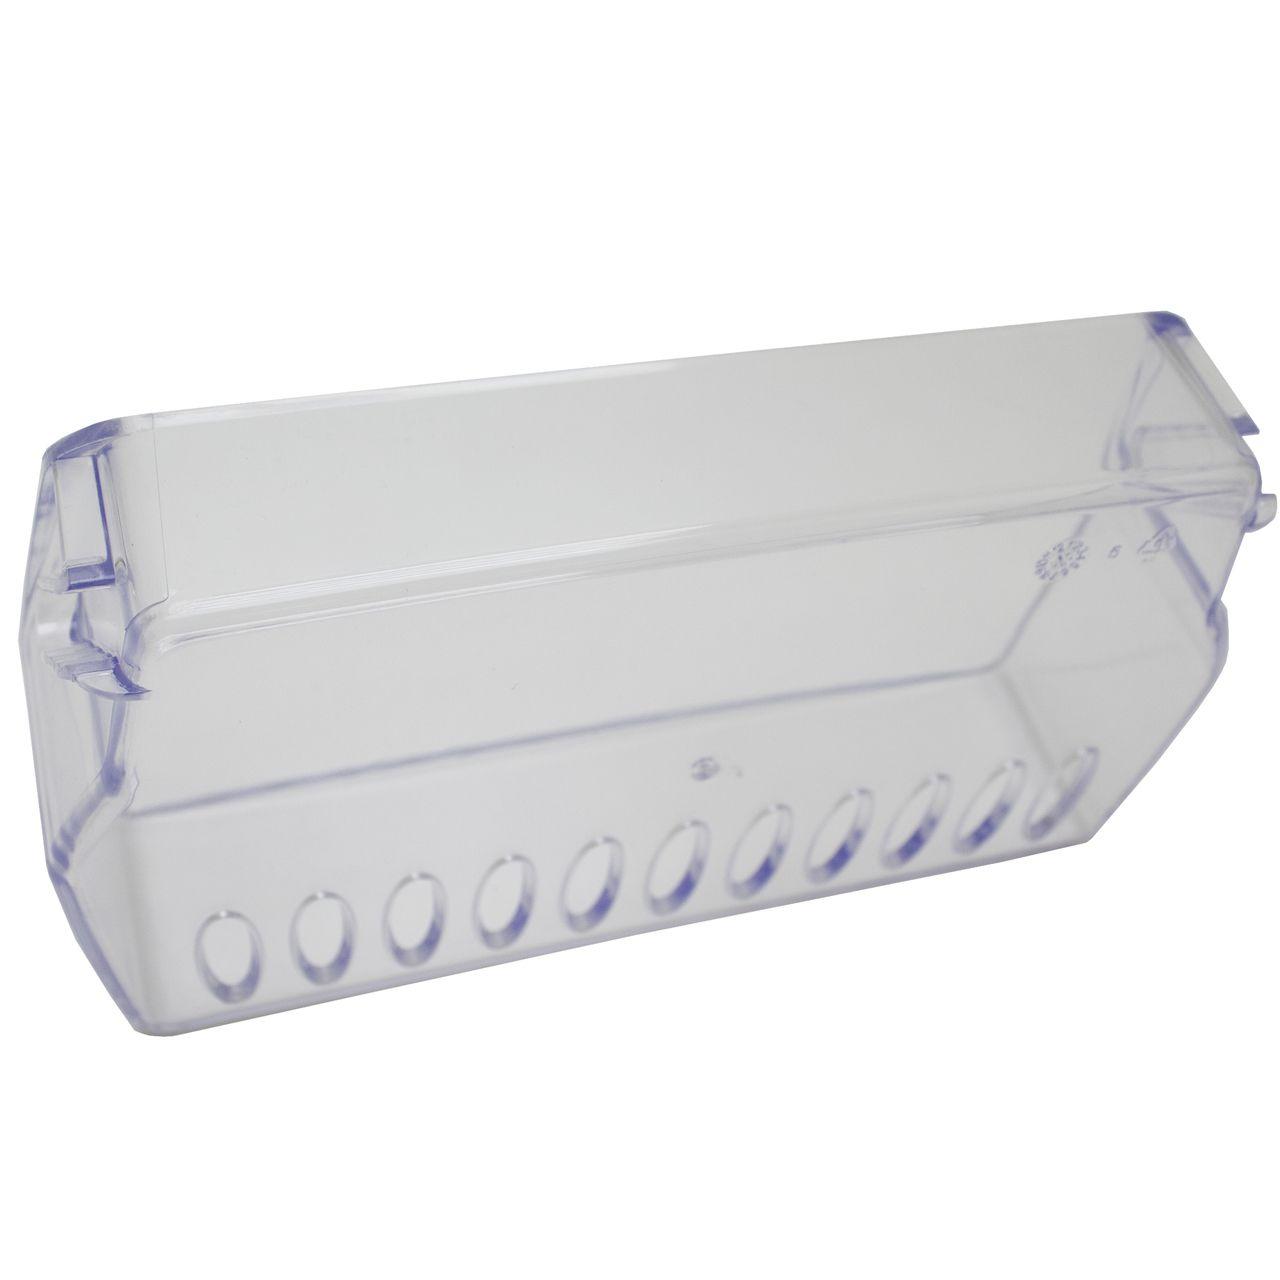 Prateleira Pequena Refrigerador Electrolux 67491058